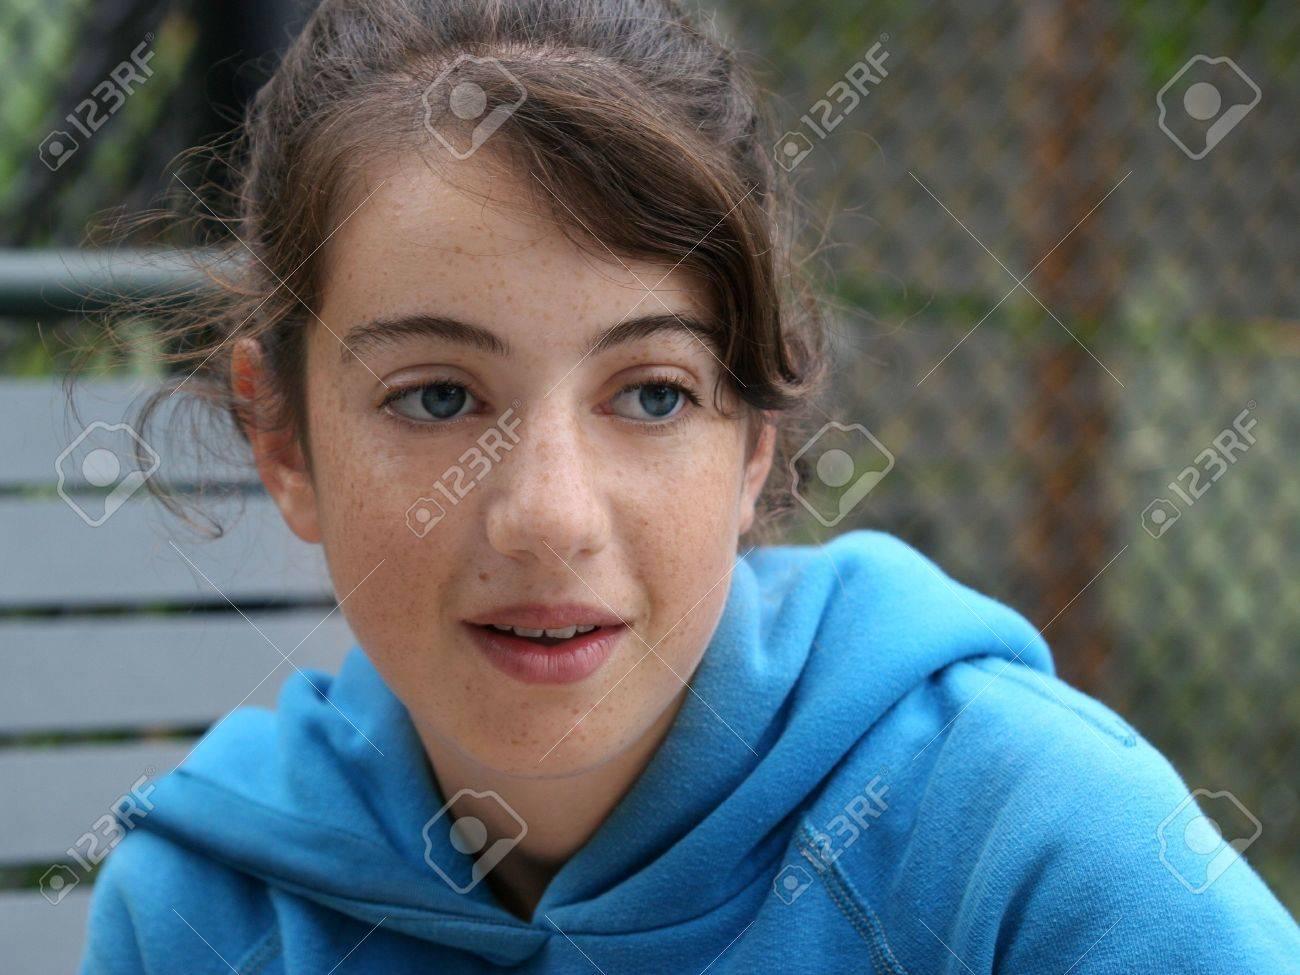 Shy brunette teen girl